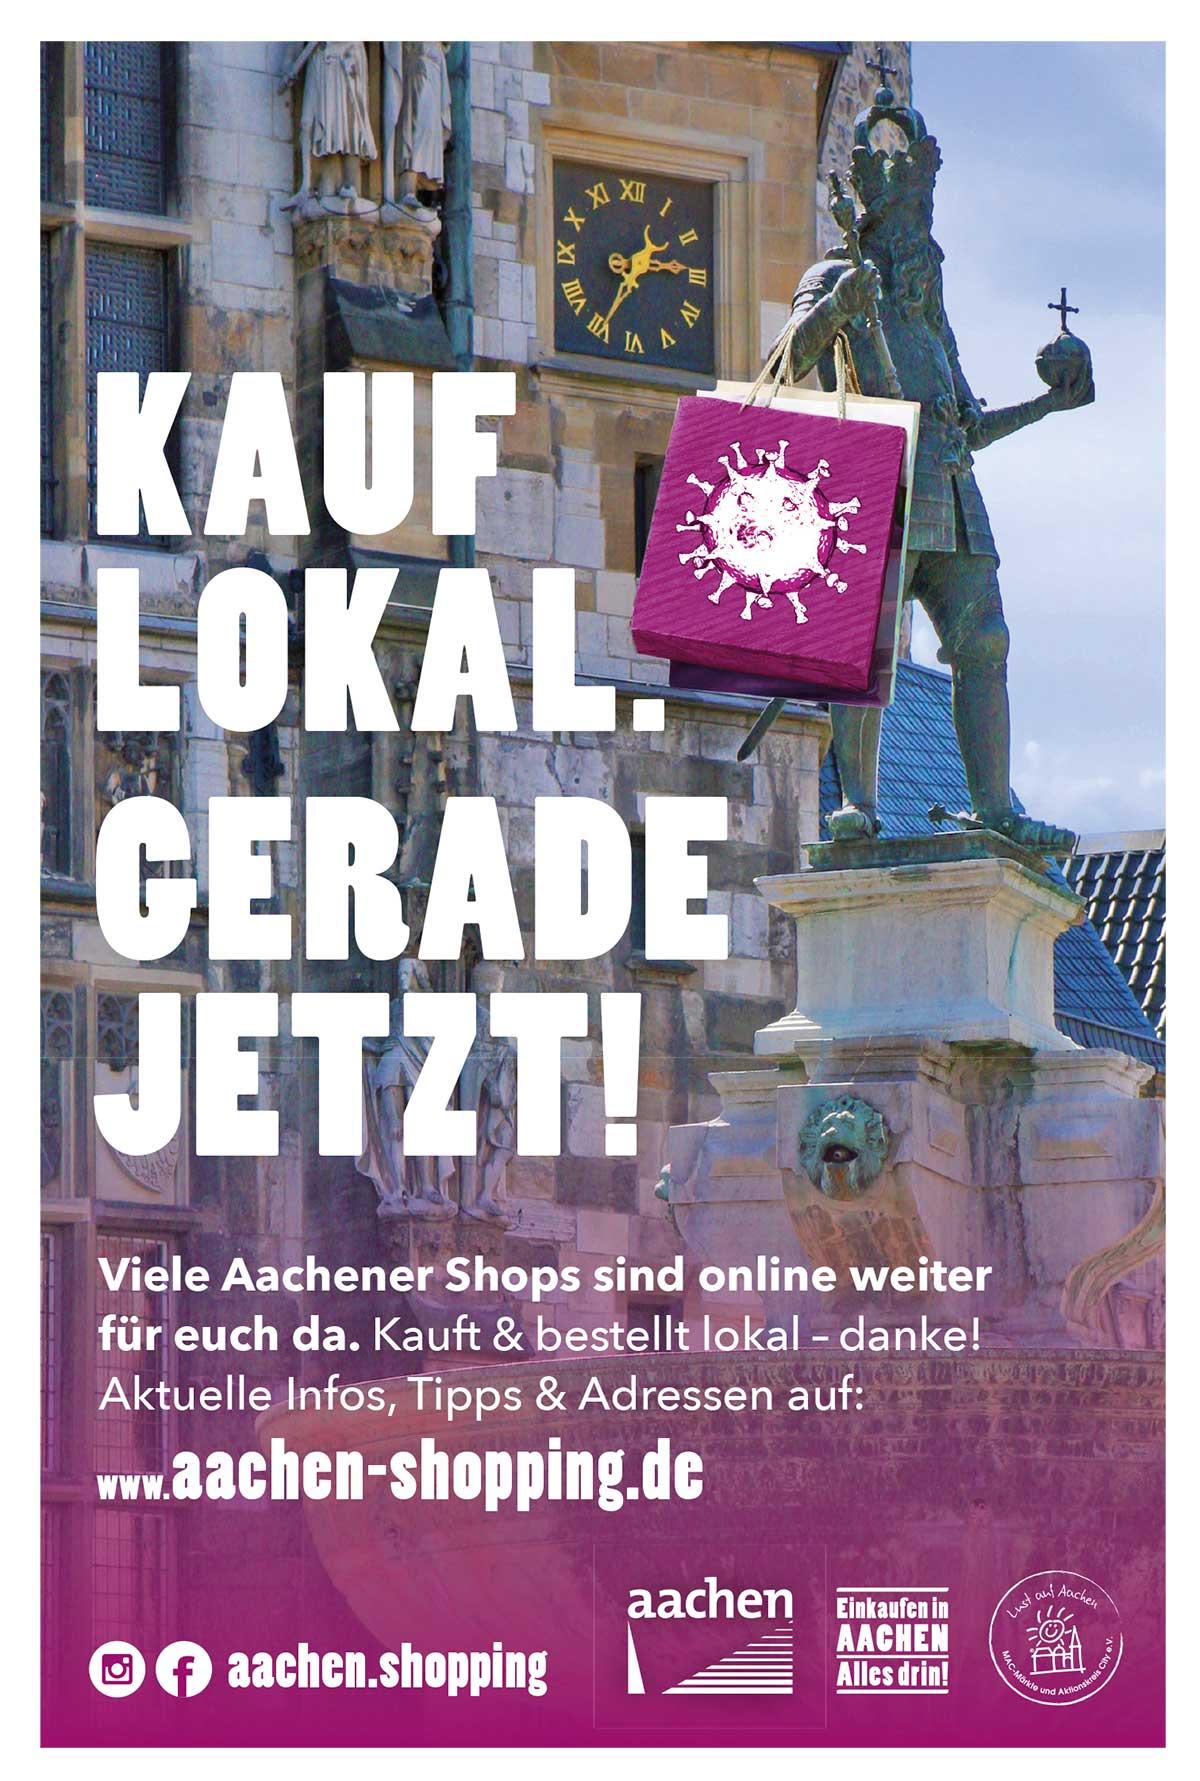 Aachen Shopping